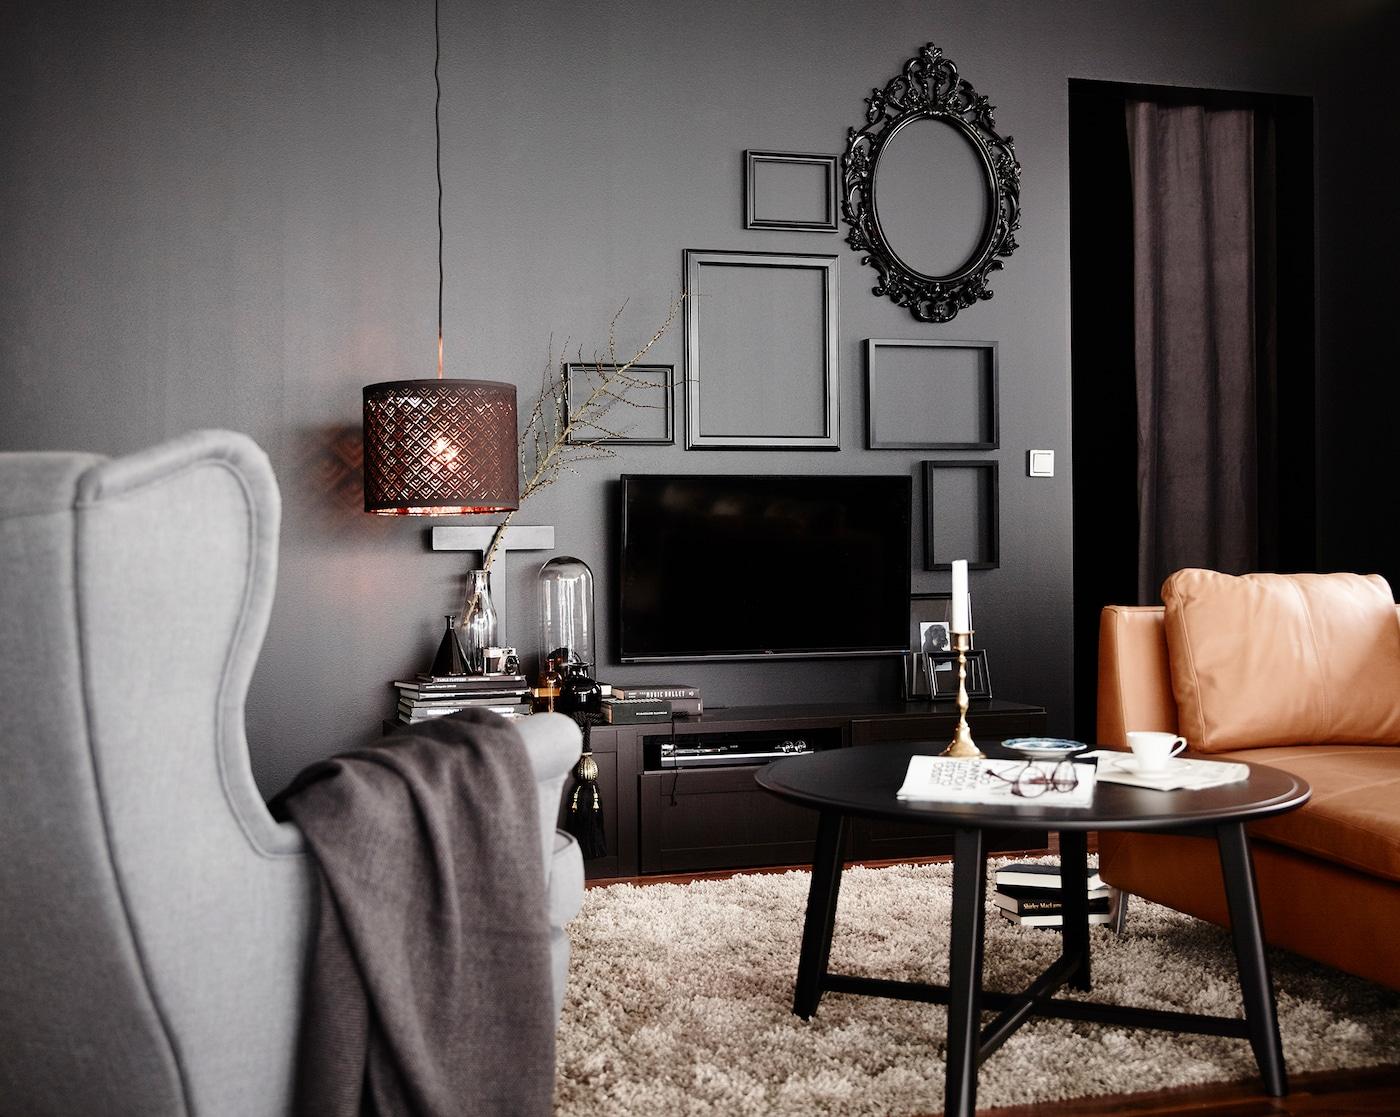 Edles Wohnzimmer mit einer TV-Wand & Bilderrahmen, Sessel, Sofa und Tisch.